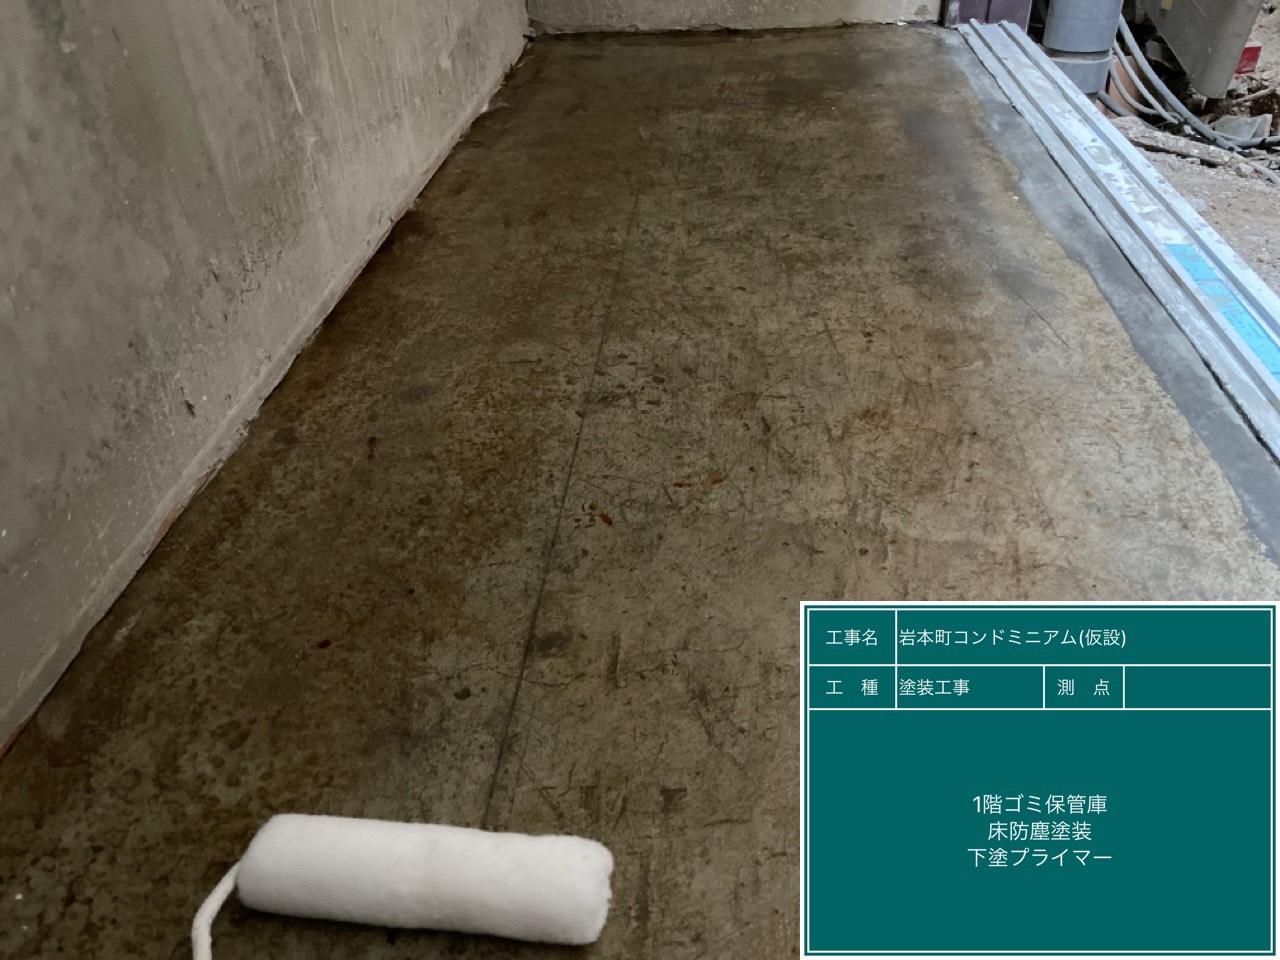 千代田区岩本町コンドミニアム 防塵塗装